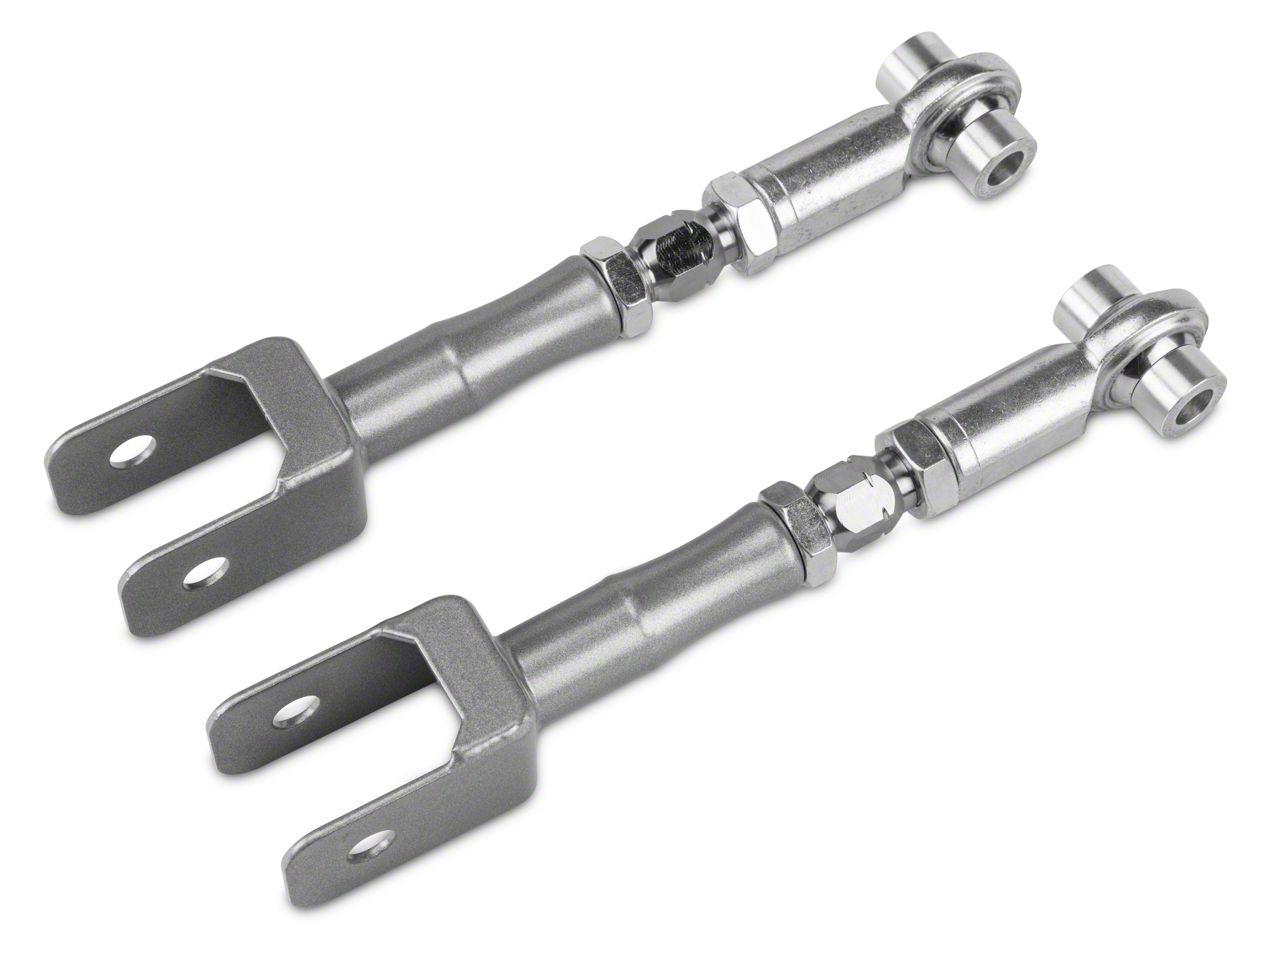 Steeda Adjustable Rear Toe Links (15-19 All)